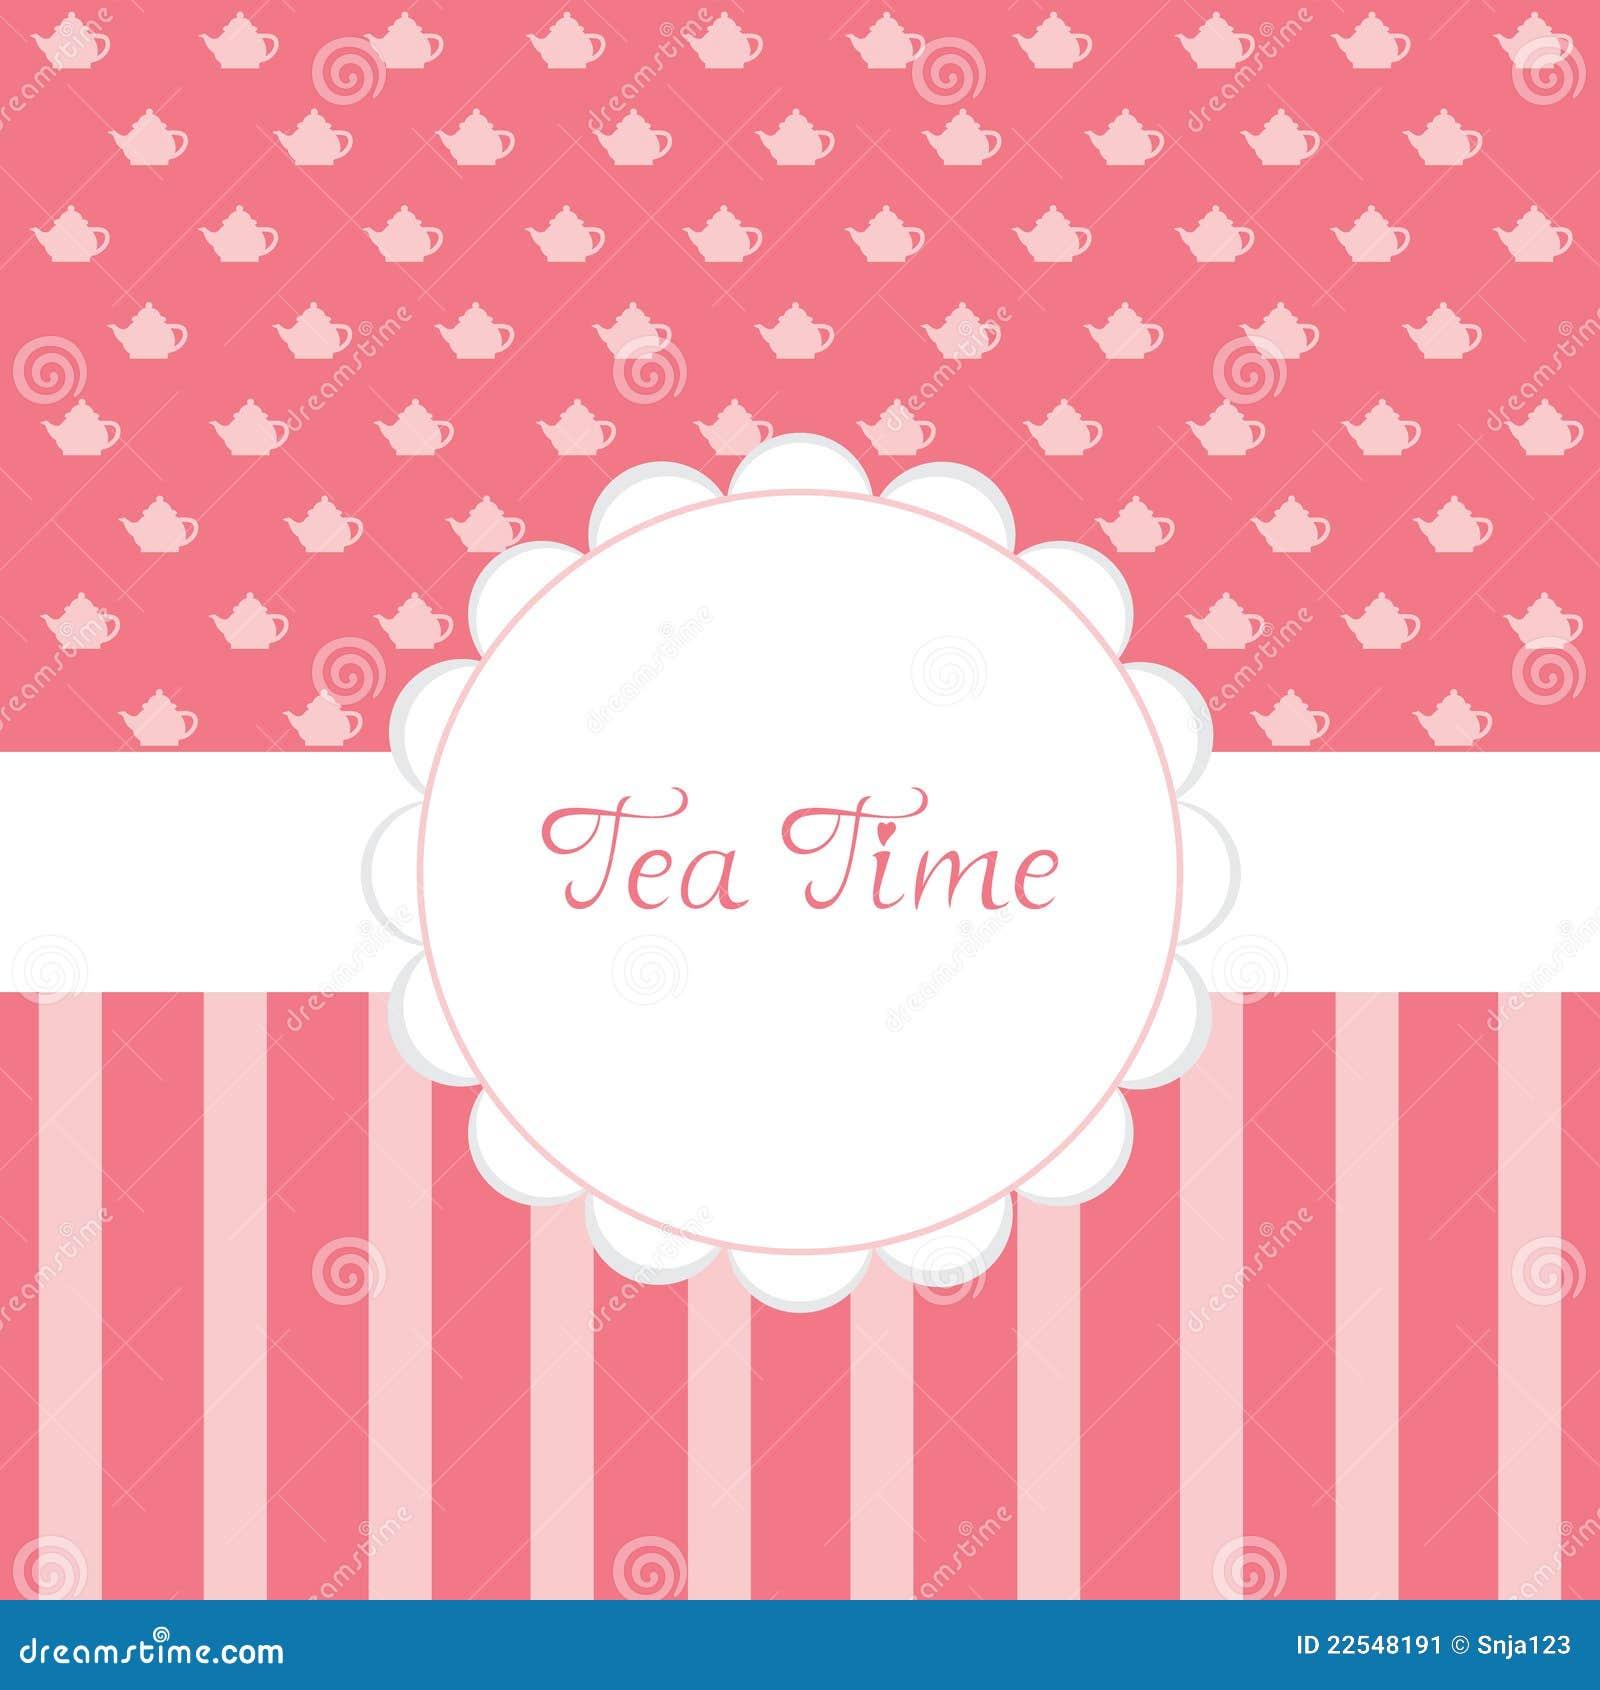 tea party time - photo #21